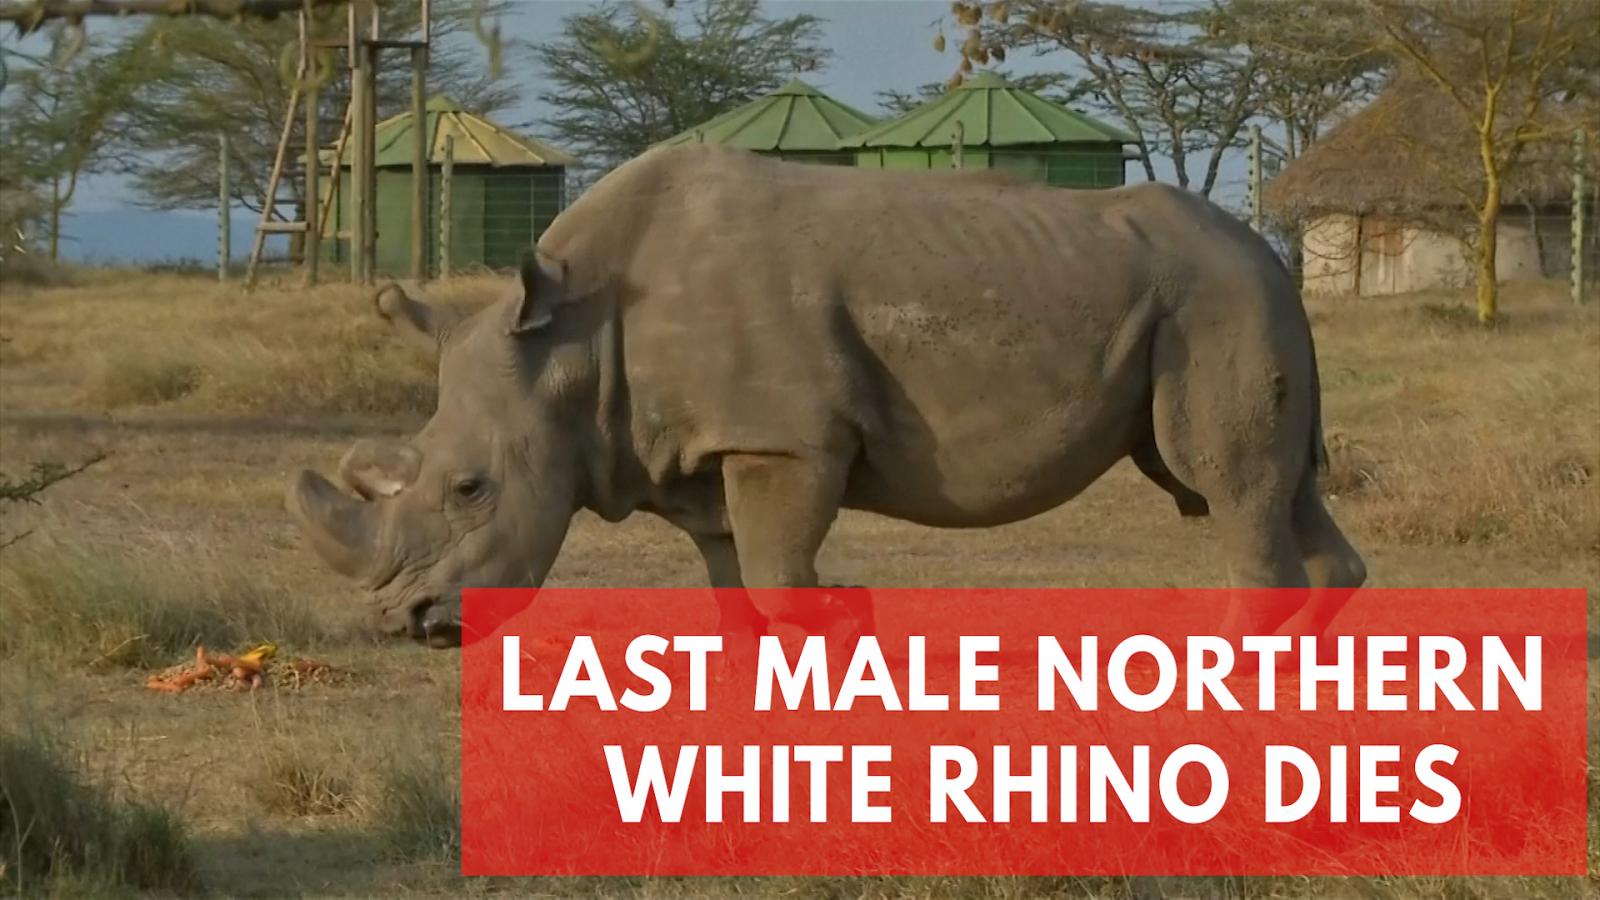 worlds-last-male-northern-white-rhino-dies